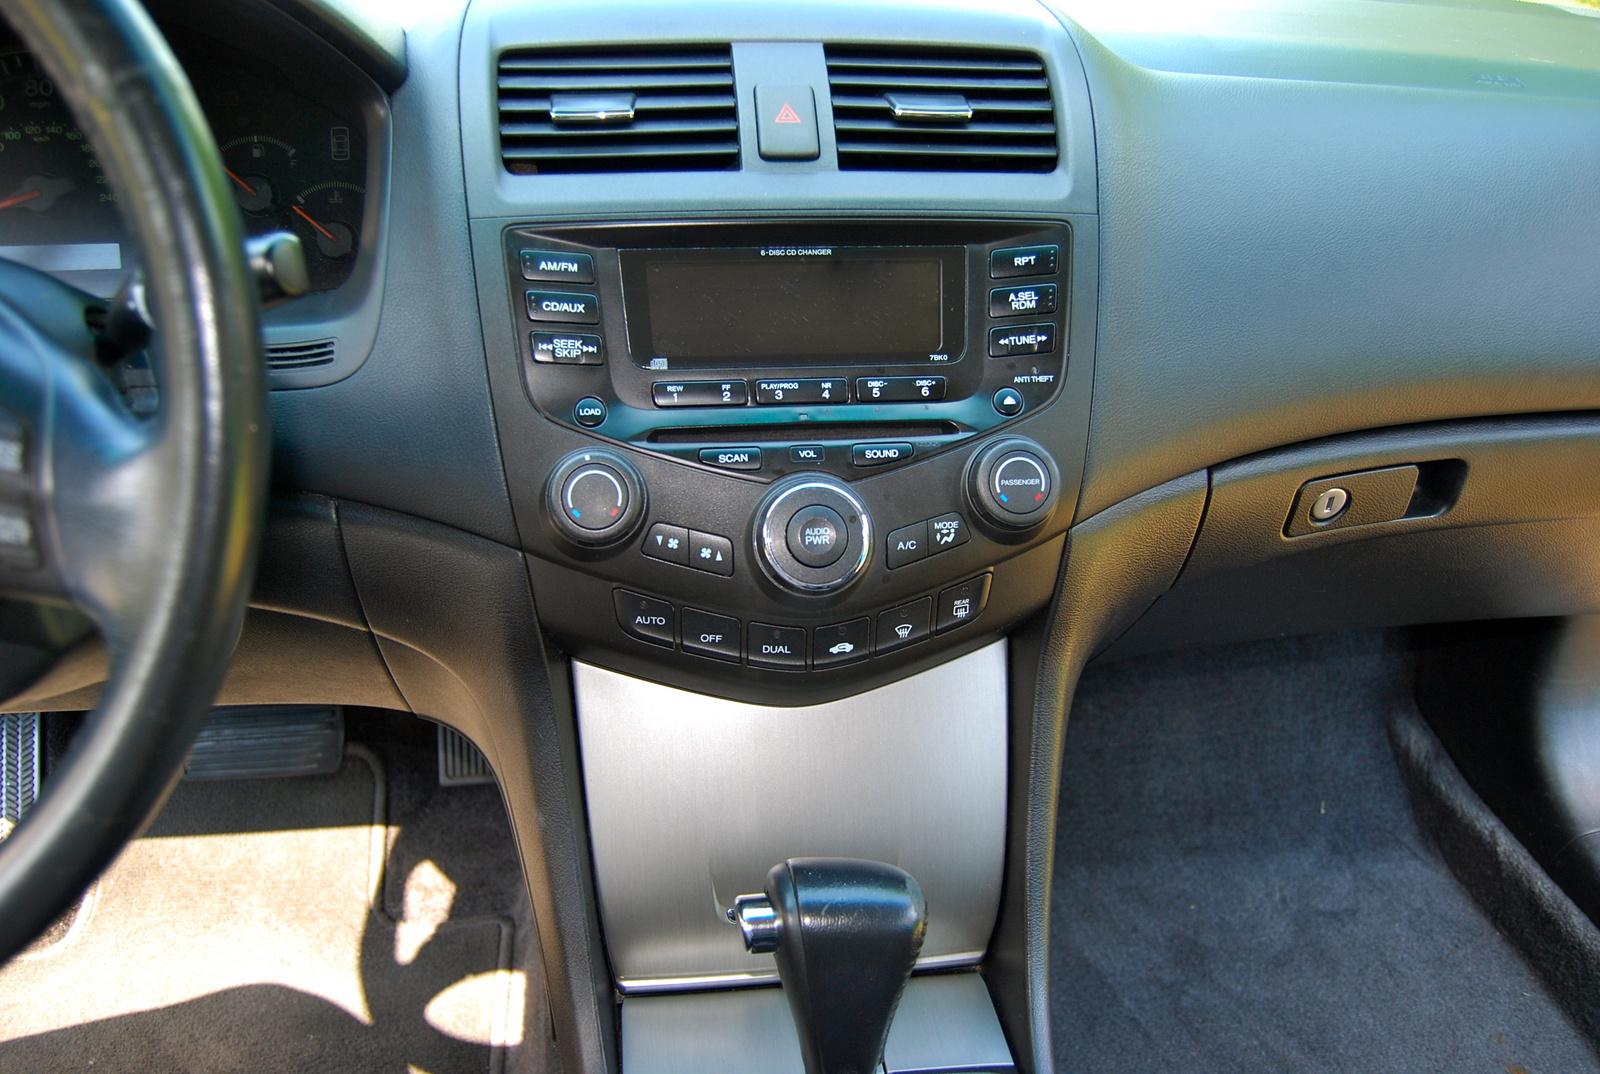 1999 Honda Civic Lx >> 2003 Honda Accord - Interior Pictures - CarGurus